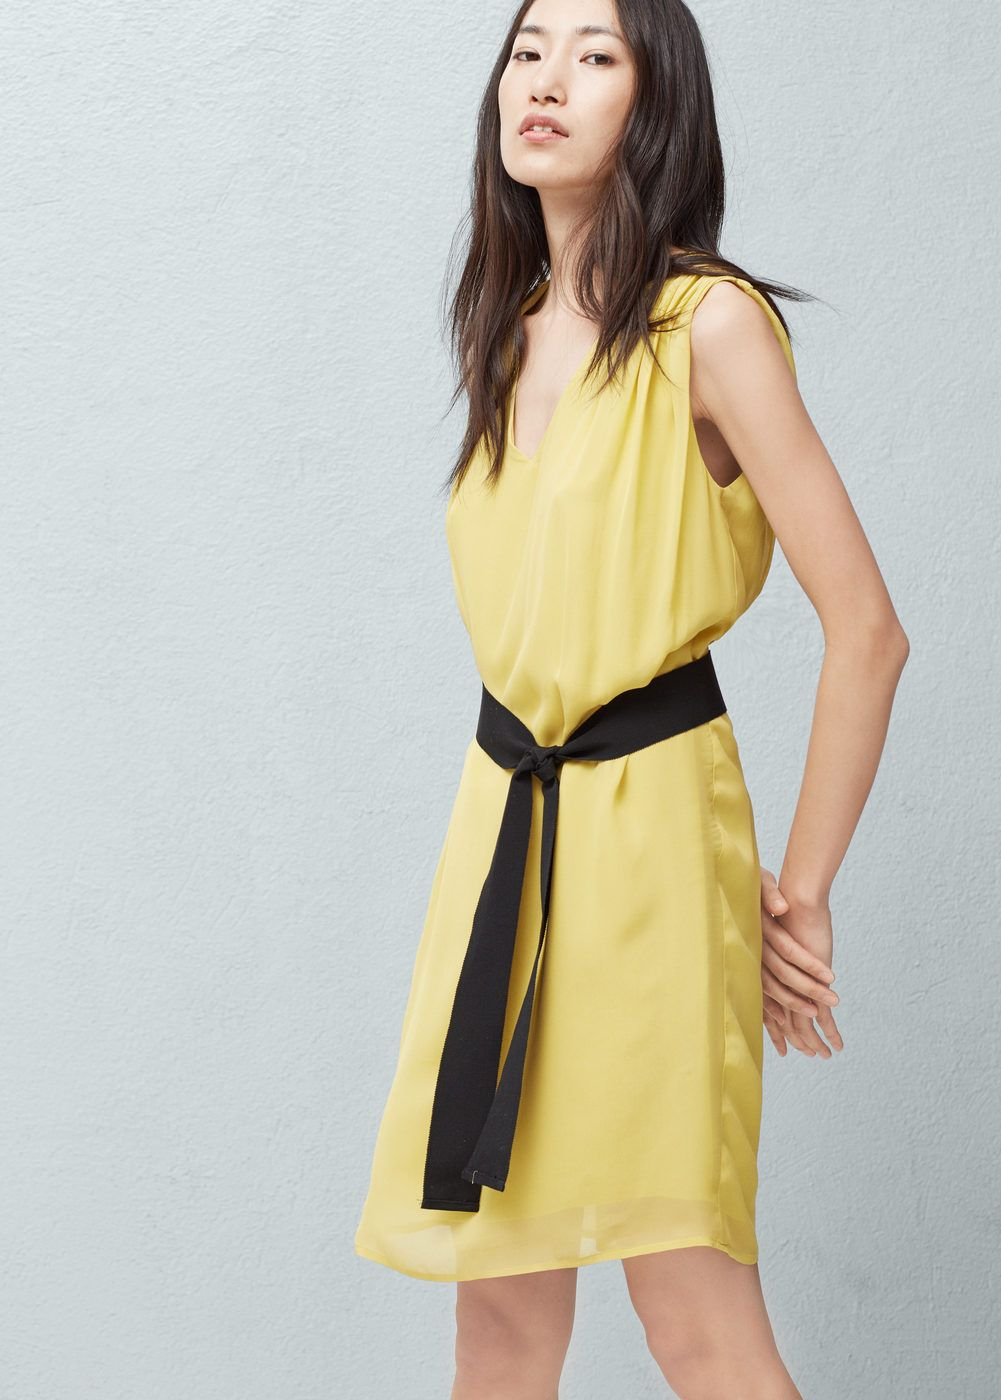 Tolle Mango Prom Kleider Fotos - Brautkleider Ideen - cashingy.info